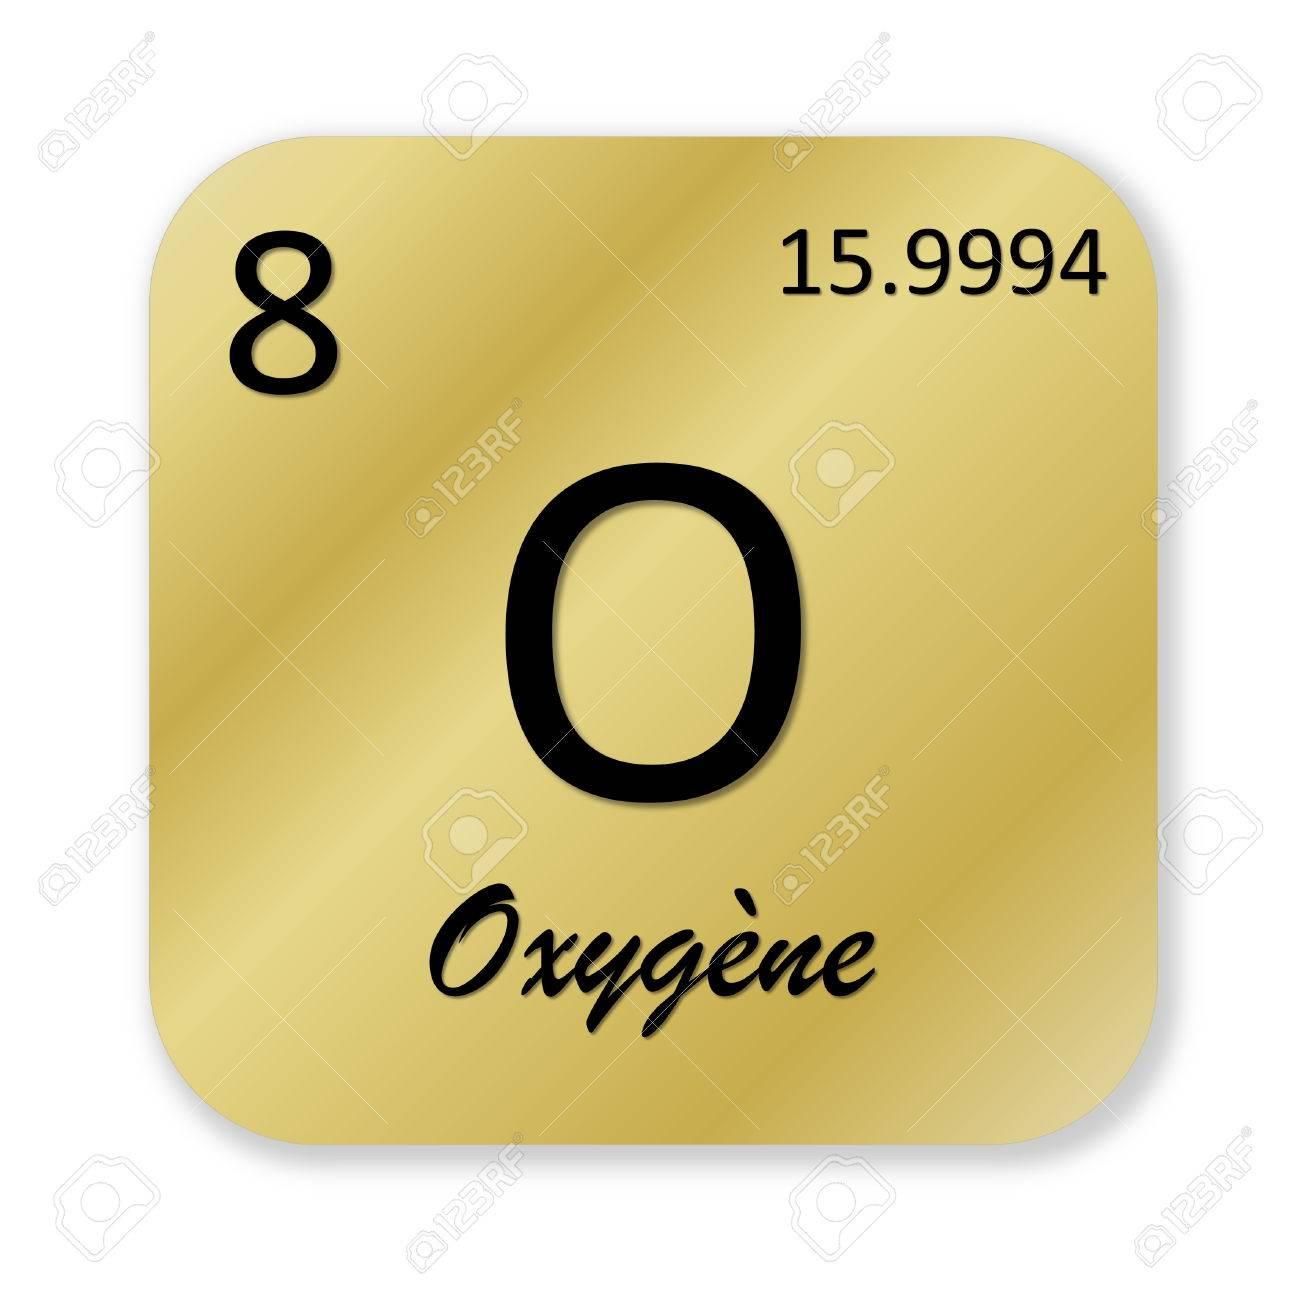 Oxygen element french oxygene stock photo picture and royalty oxygen element french oxygene stock photo 30991024 buycottarizona Choice Image